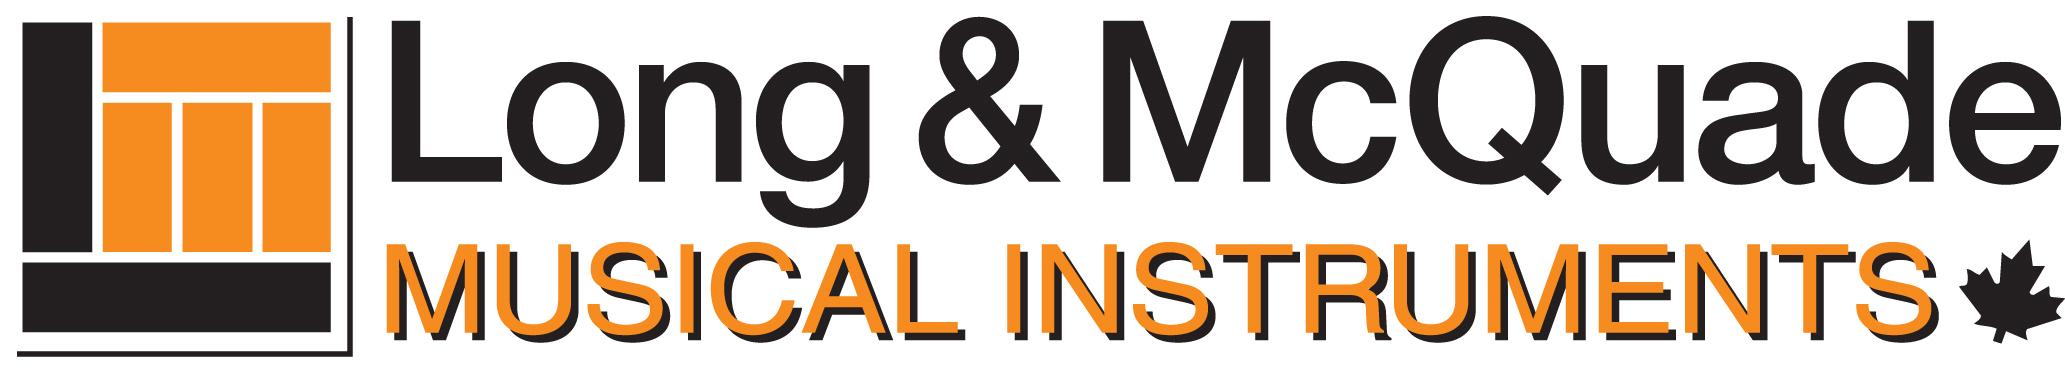 long_mcquade_logo.jpg